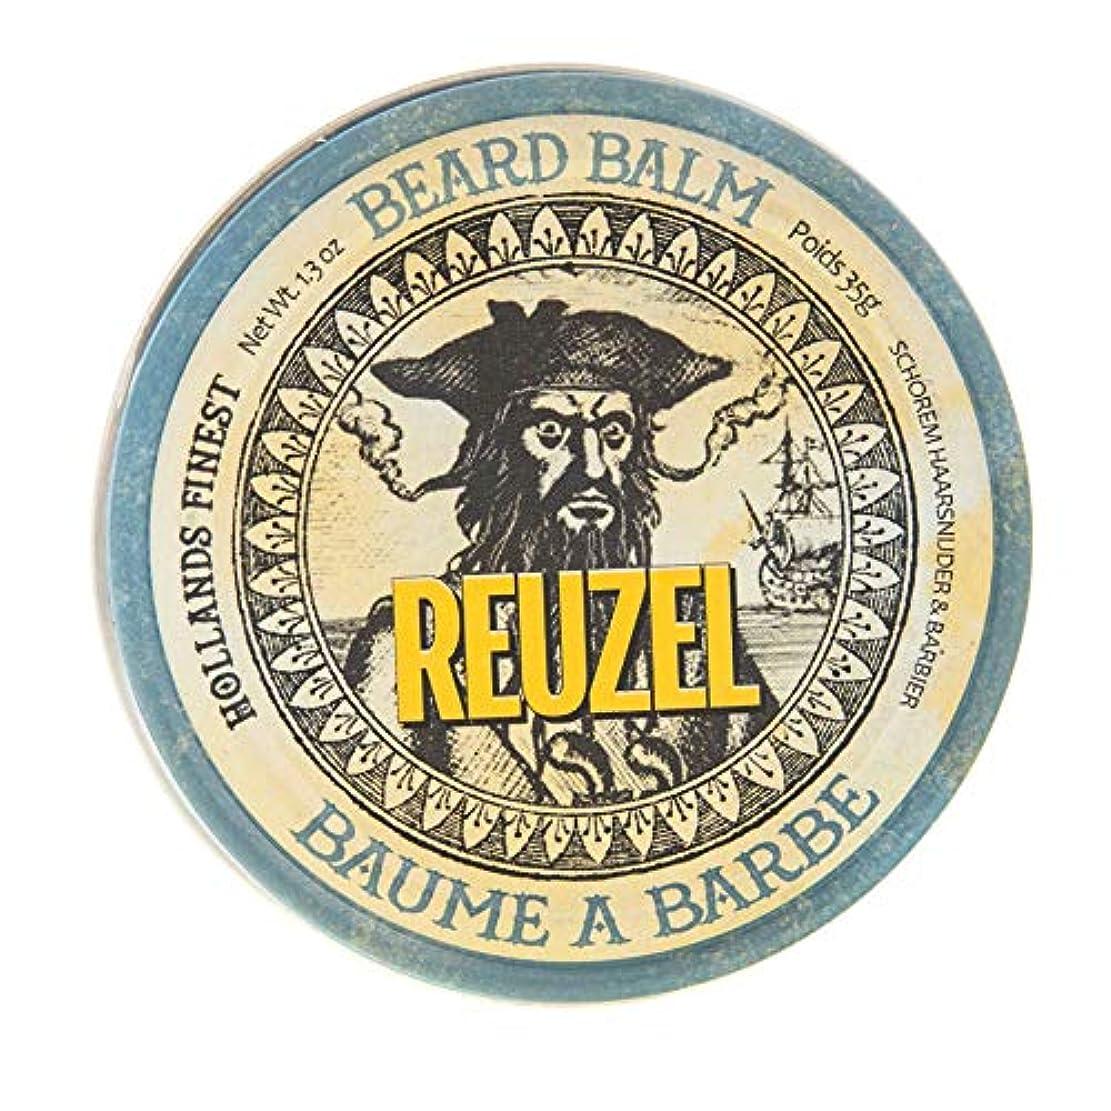 見ましたイサカオペレータールーゾー ビアード バーム Reuzel Beard Balm 35 g [並行輸入品]